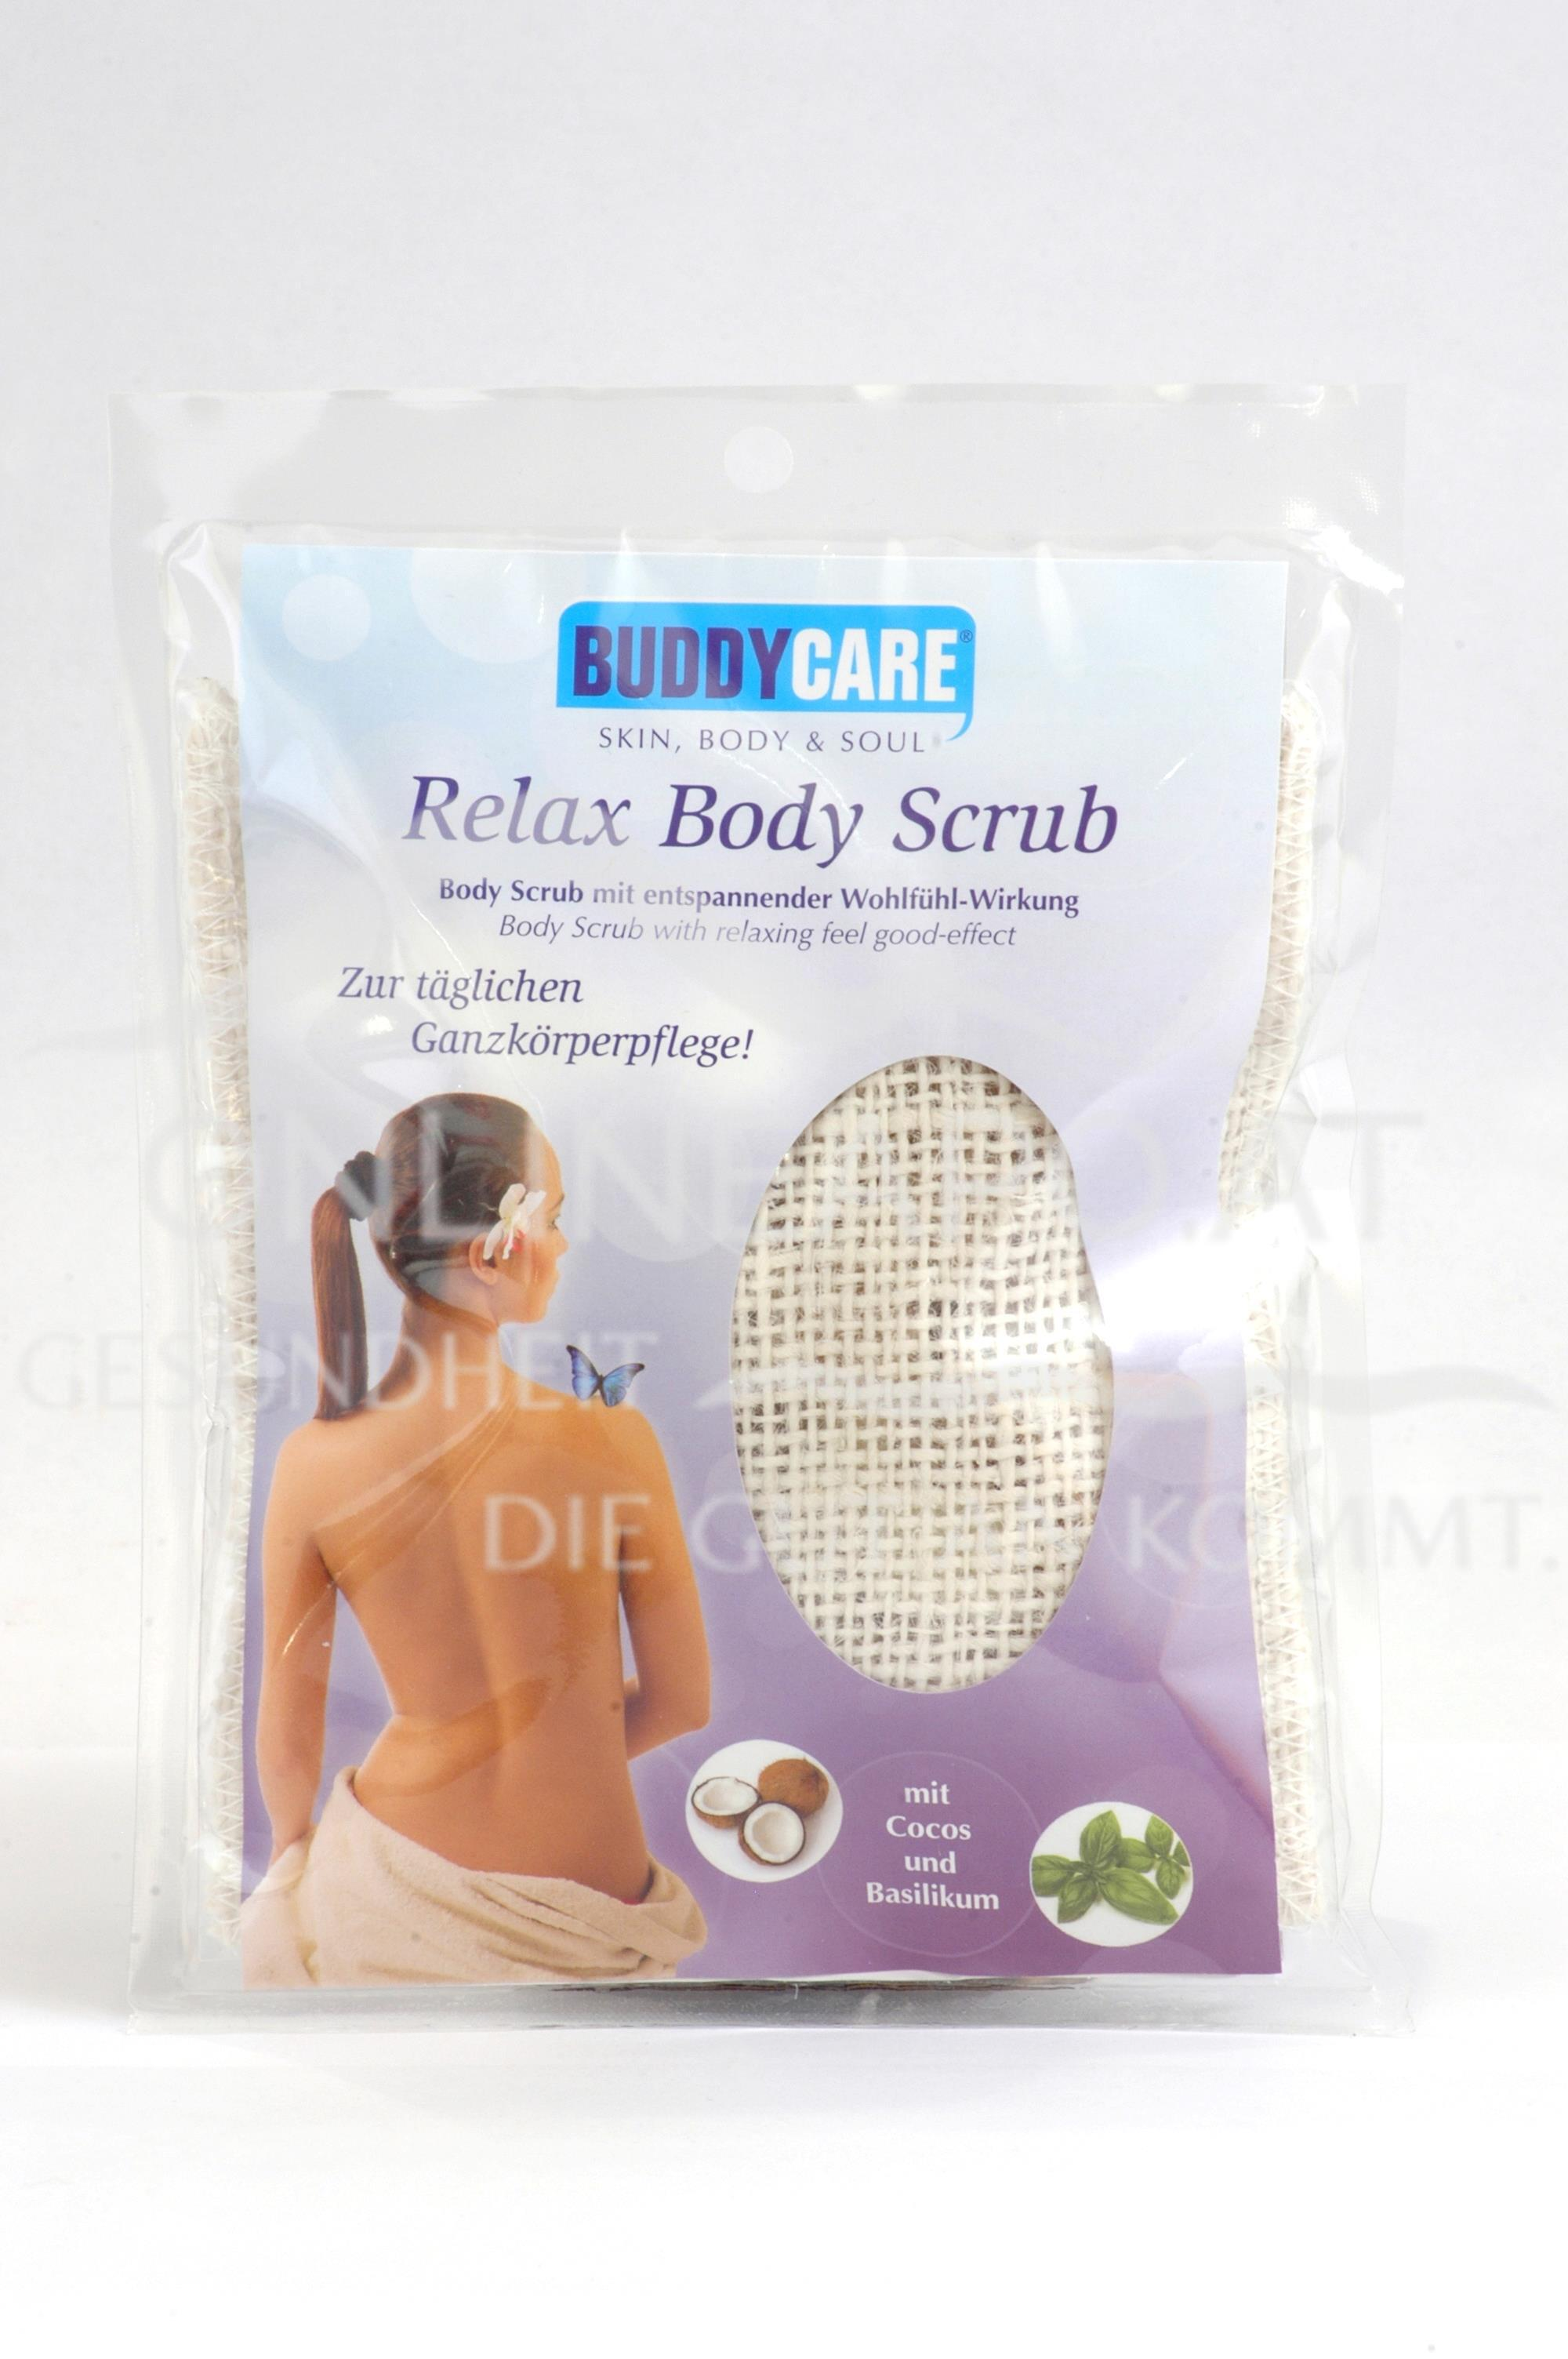 BUDDYCARE™ - Relax Body Scrub mit entspannender Wohlfühl-Wirkung